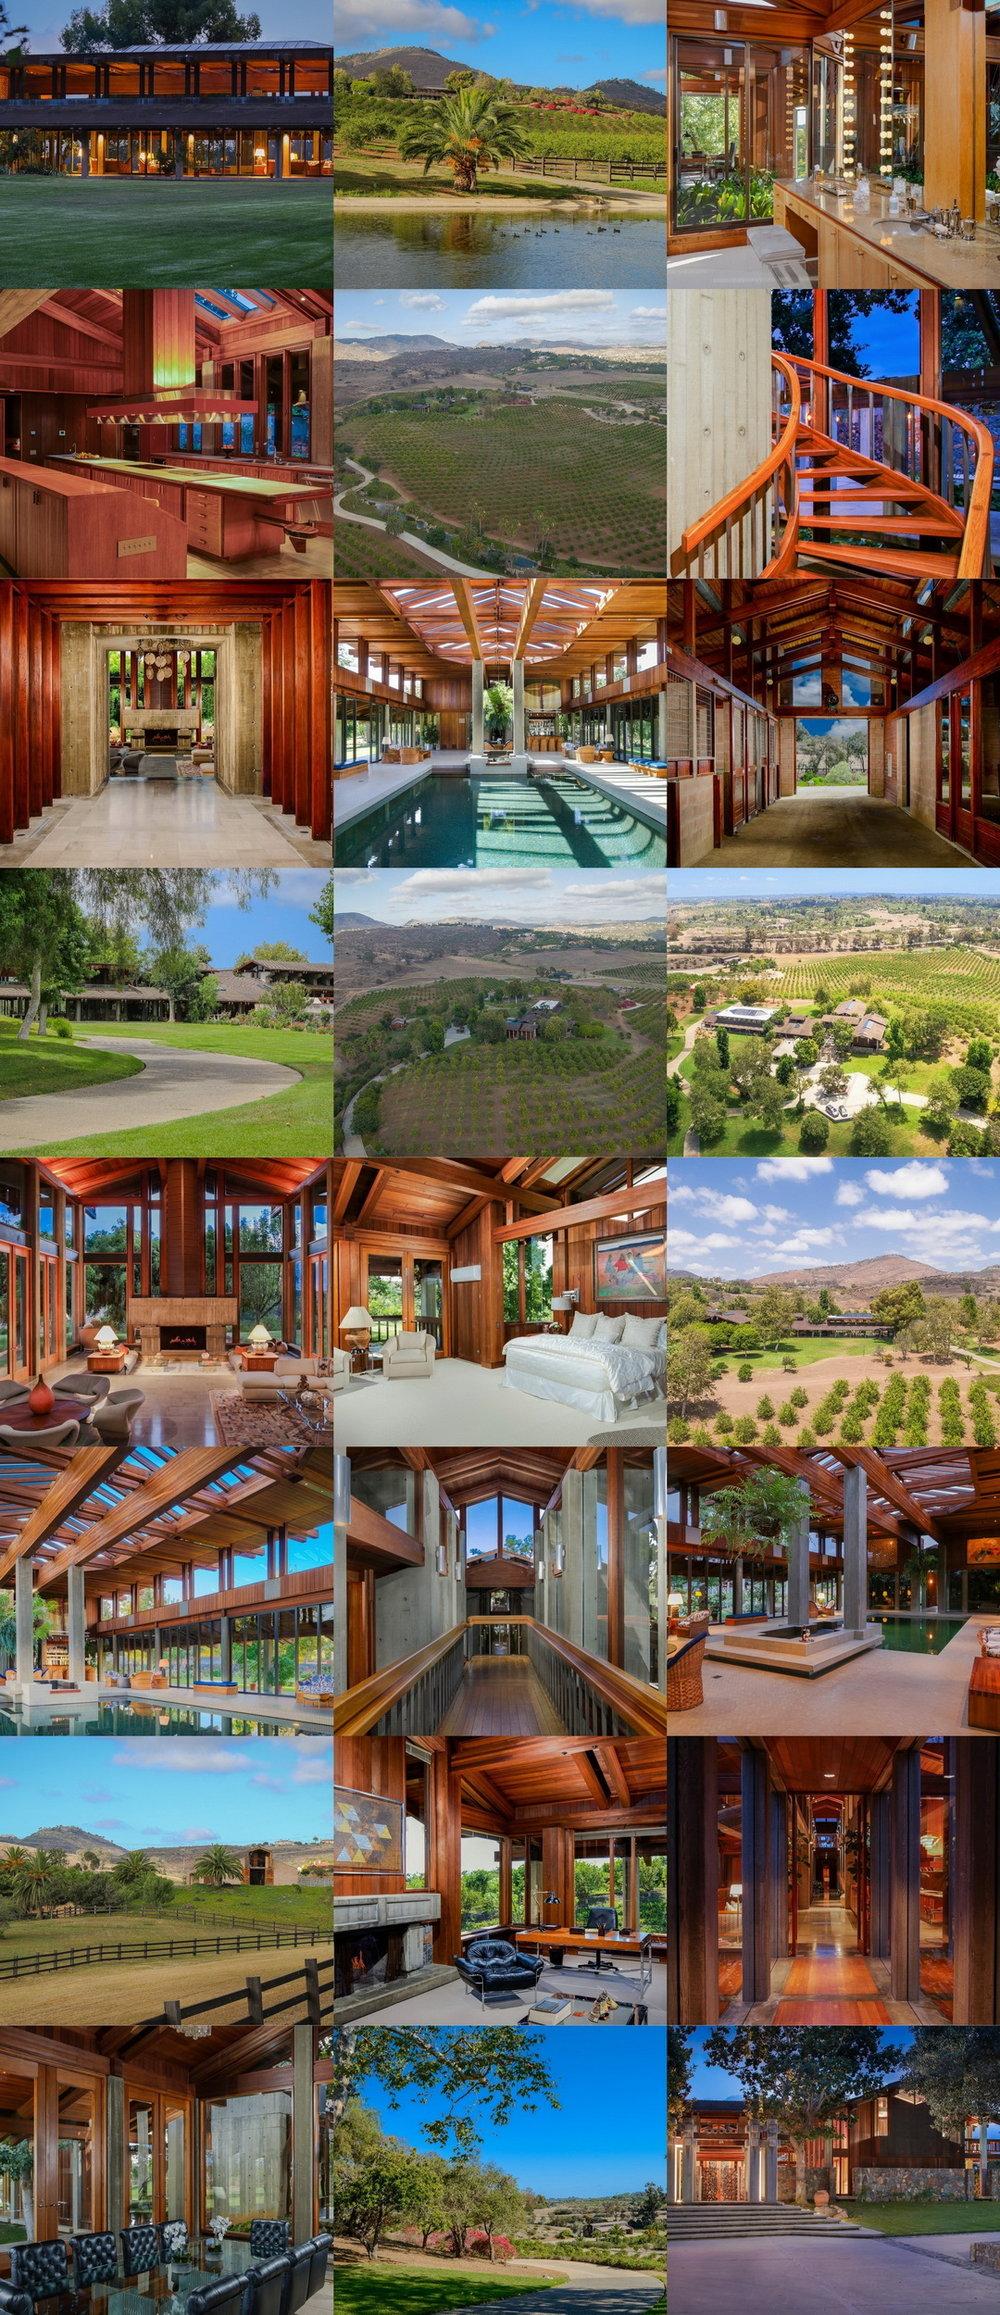 Del Dio Ranch - Rancho Santa Fe, California